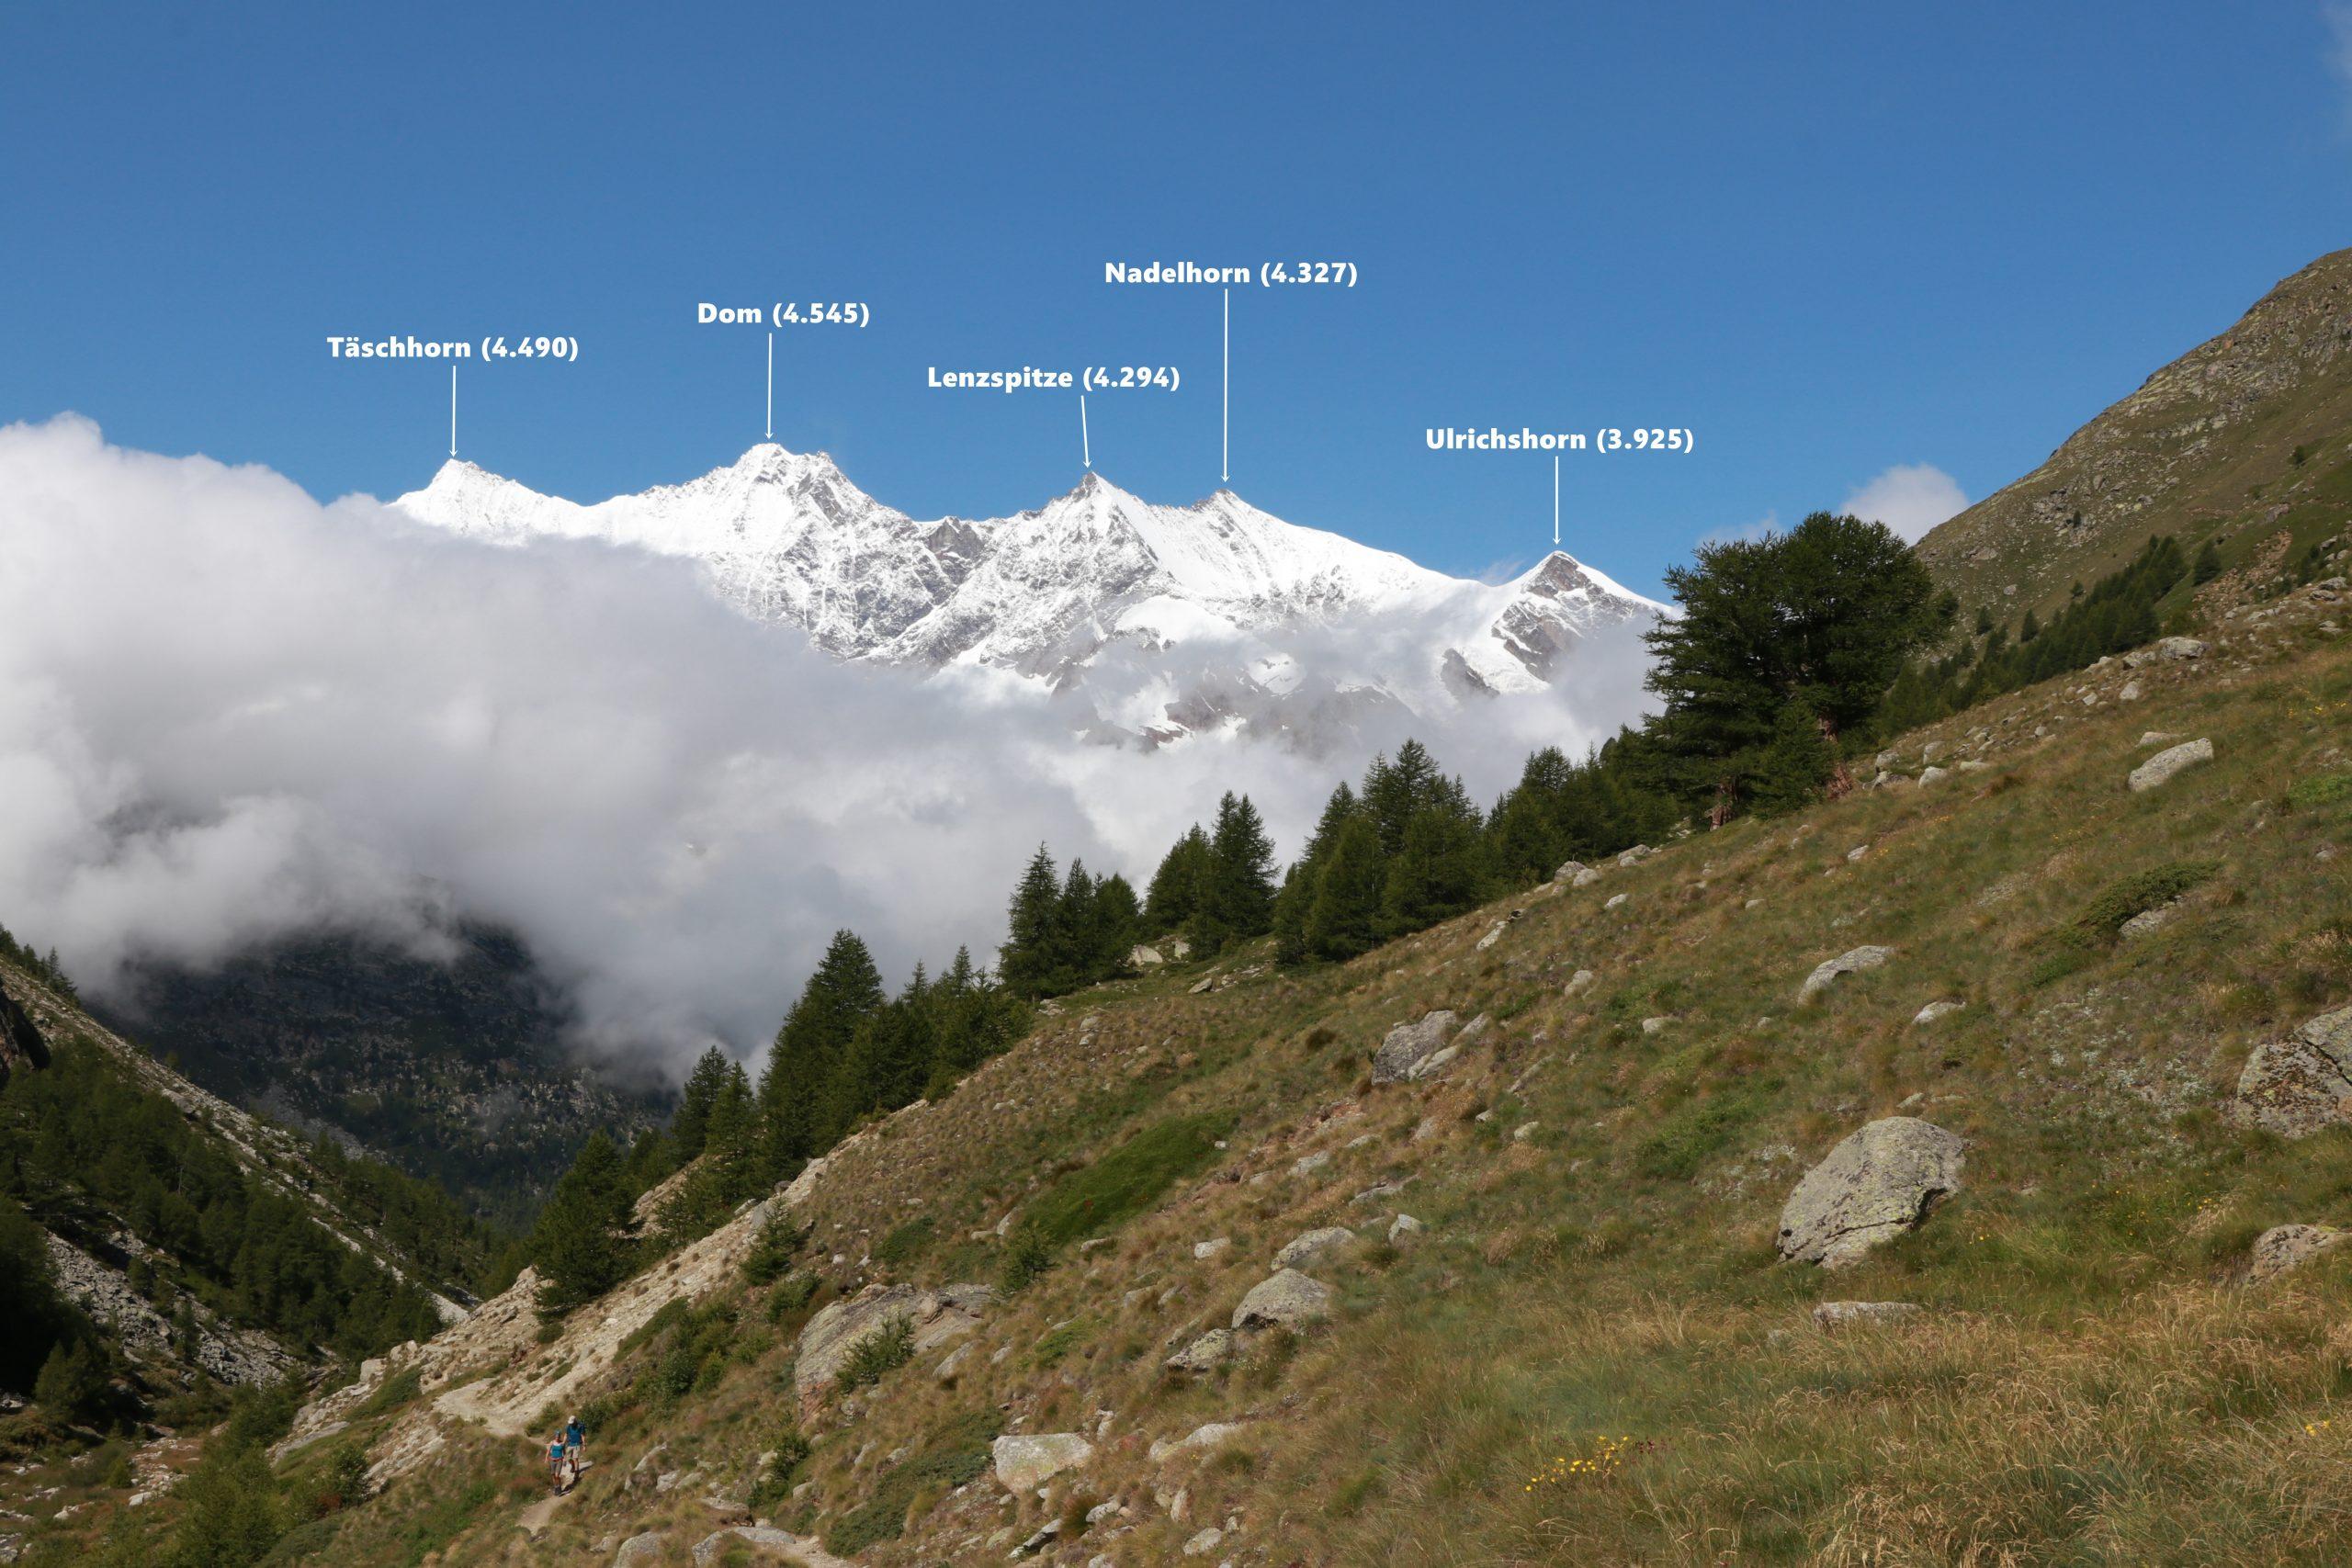 Blick auf die Gipfel des Täschhorn, Dom, Lenzspitze, Nadelhorn und Ulrichshorn